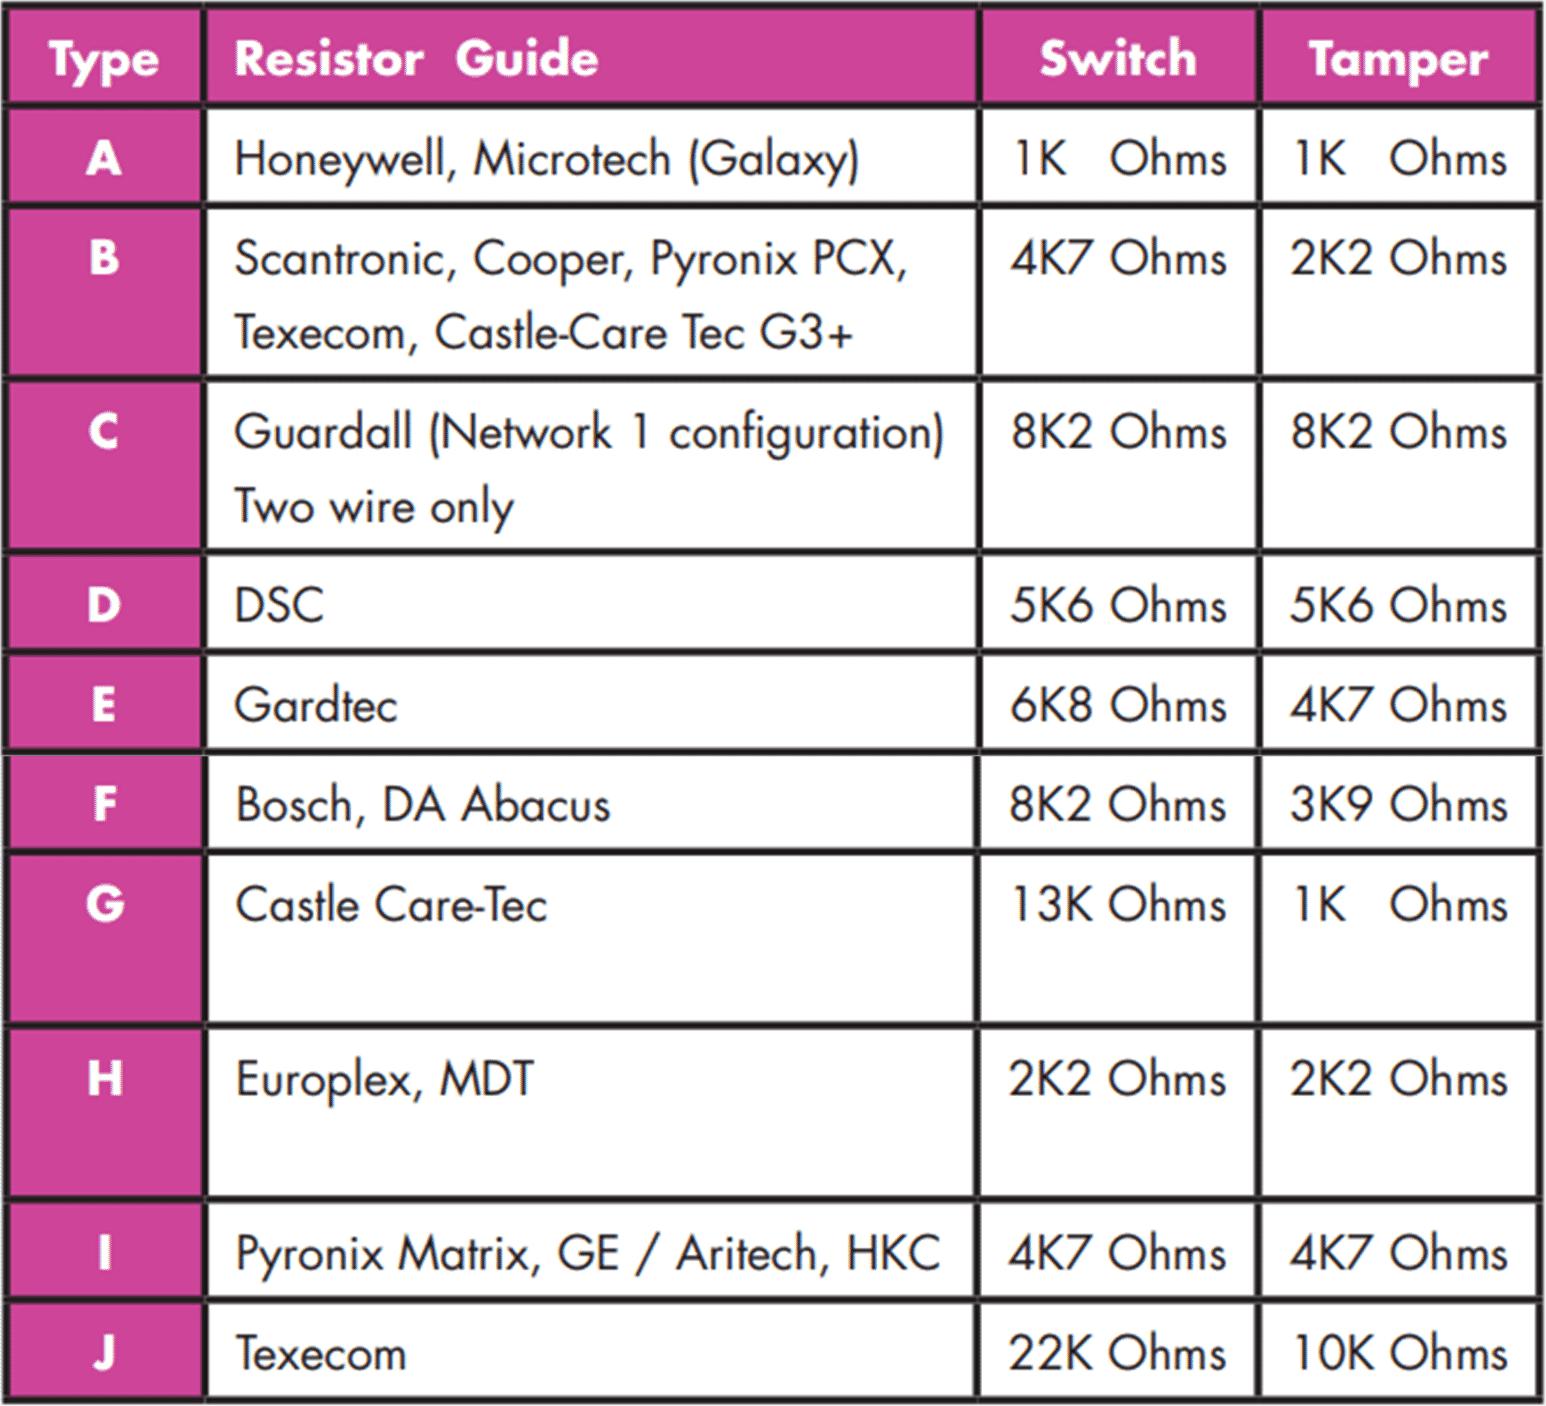 Resistor_Guide.png